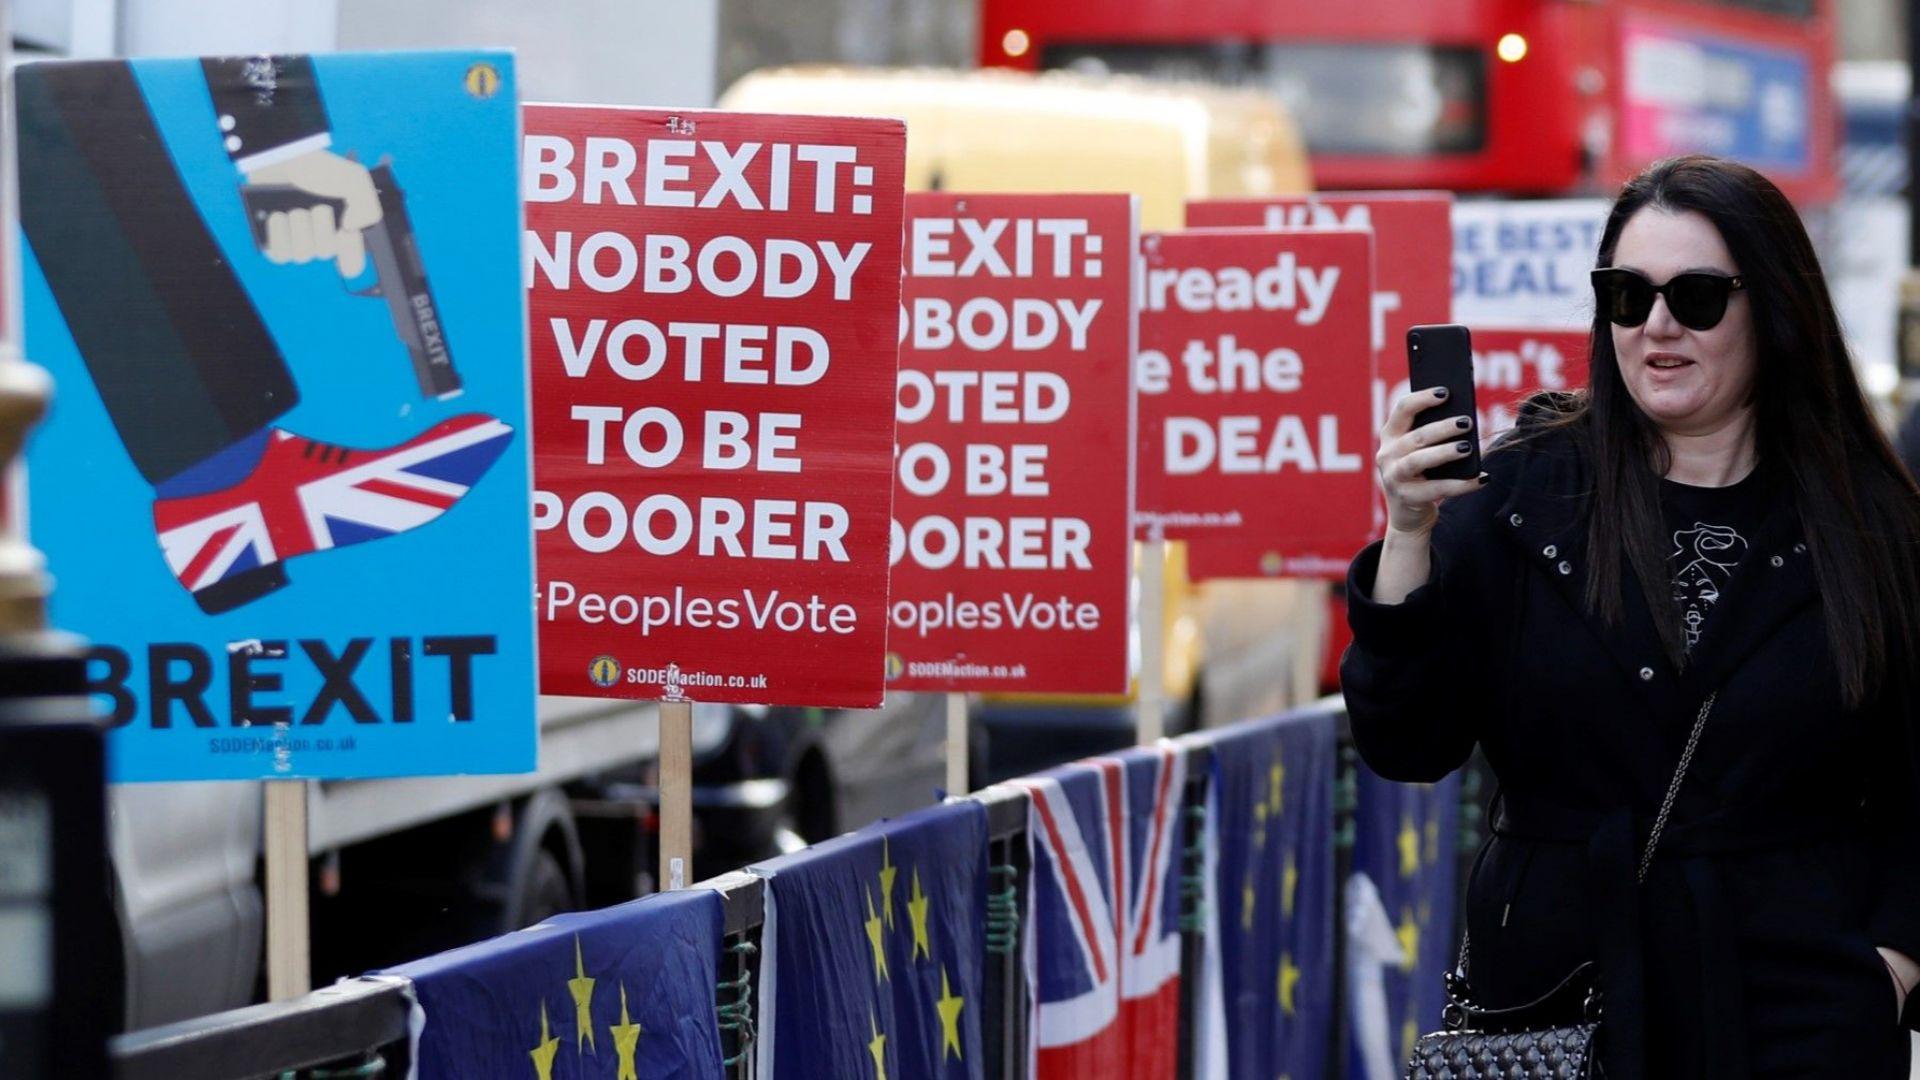 Съмненията около Брекзит струват 700 милиона евро на седмица, обяви Голдман Сакс